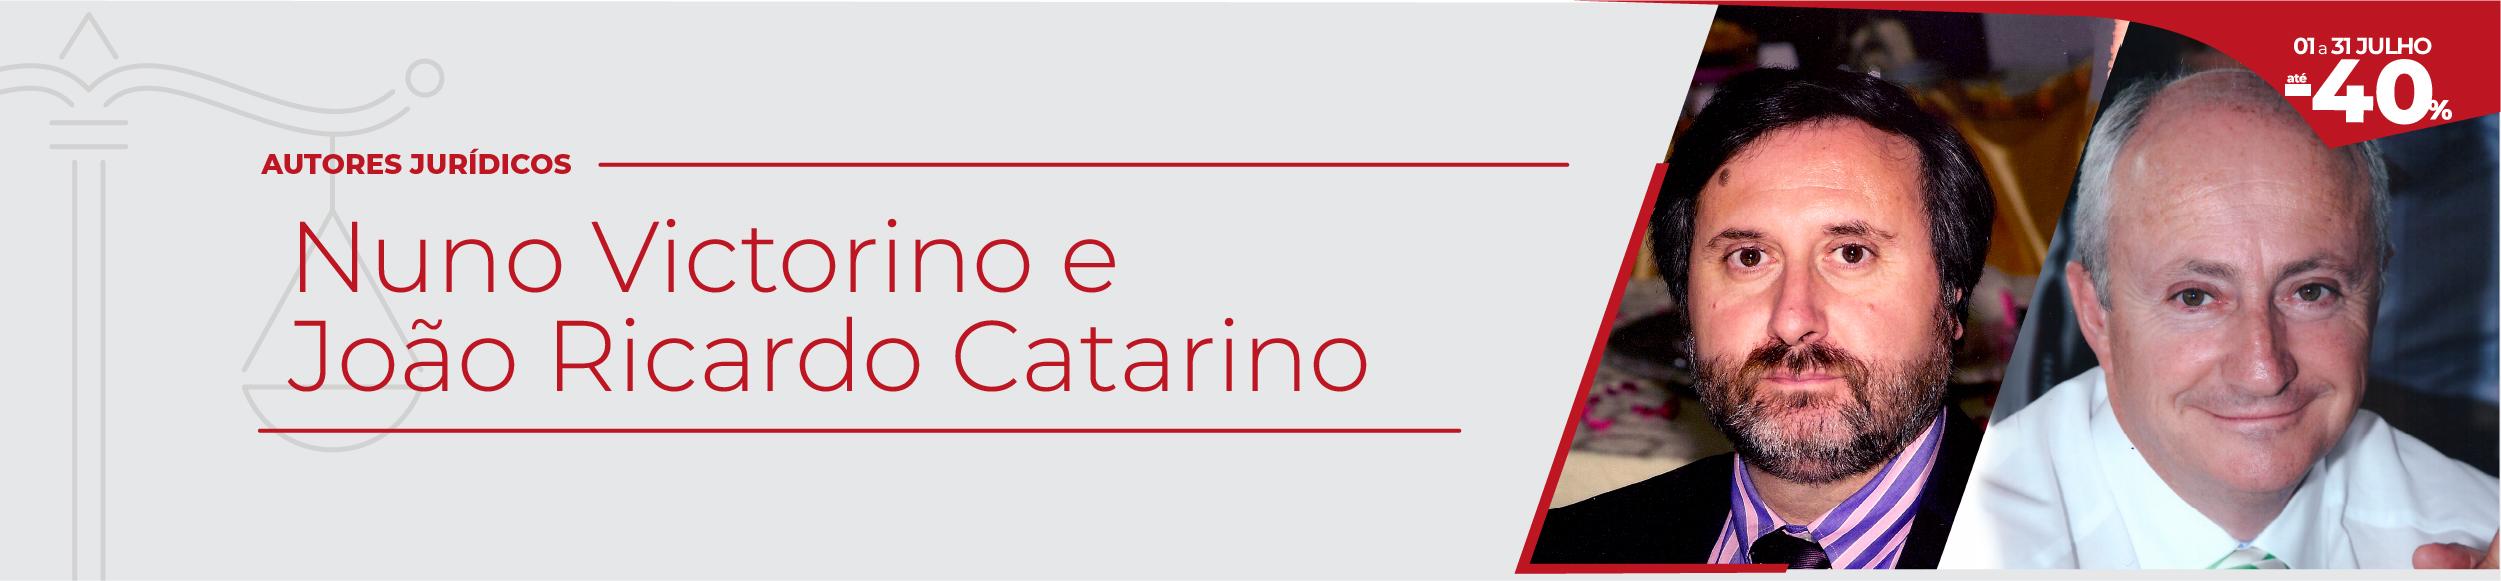 Autor Jurídico em destaque- João Catarino e Nuno Victorino